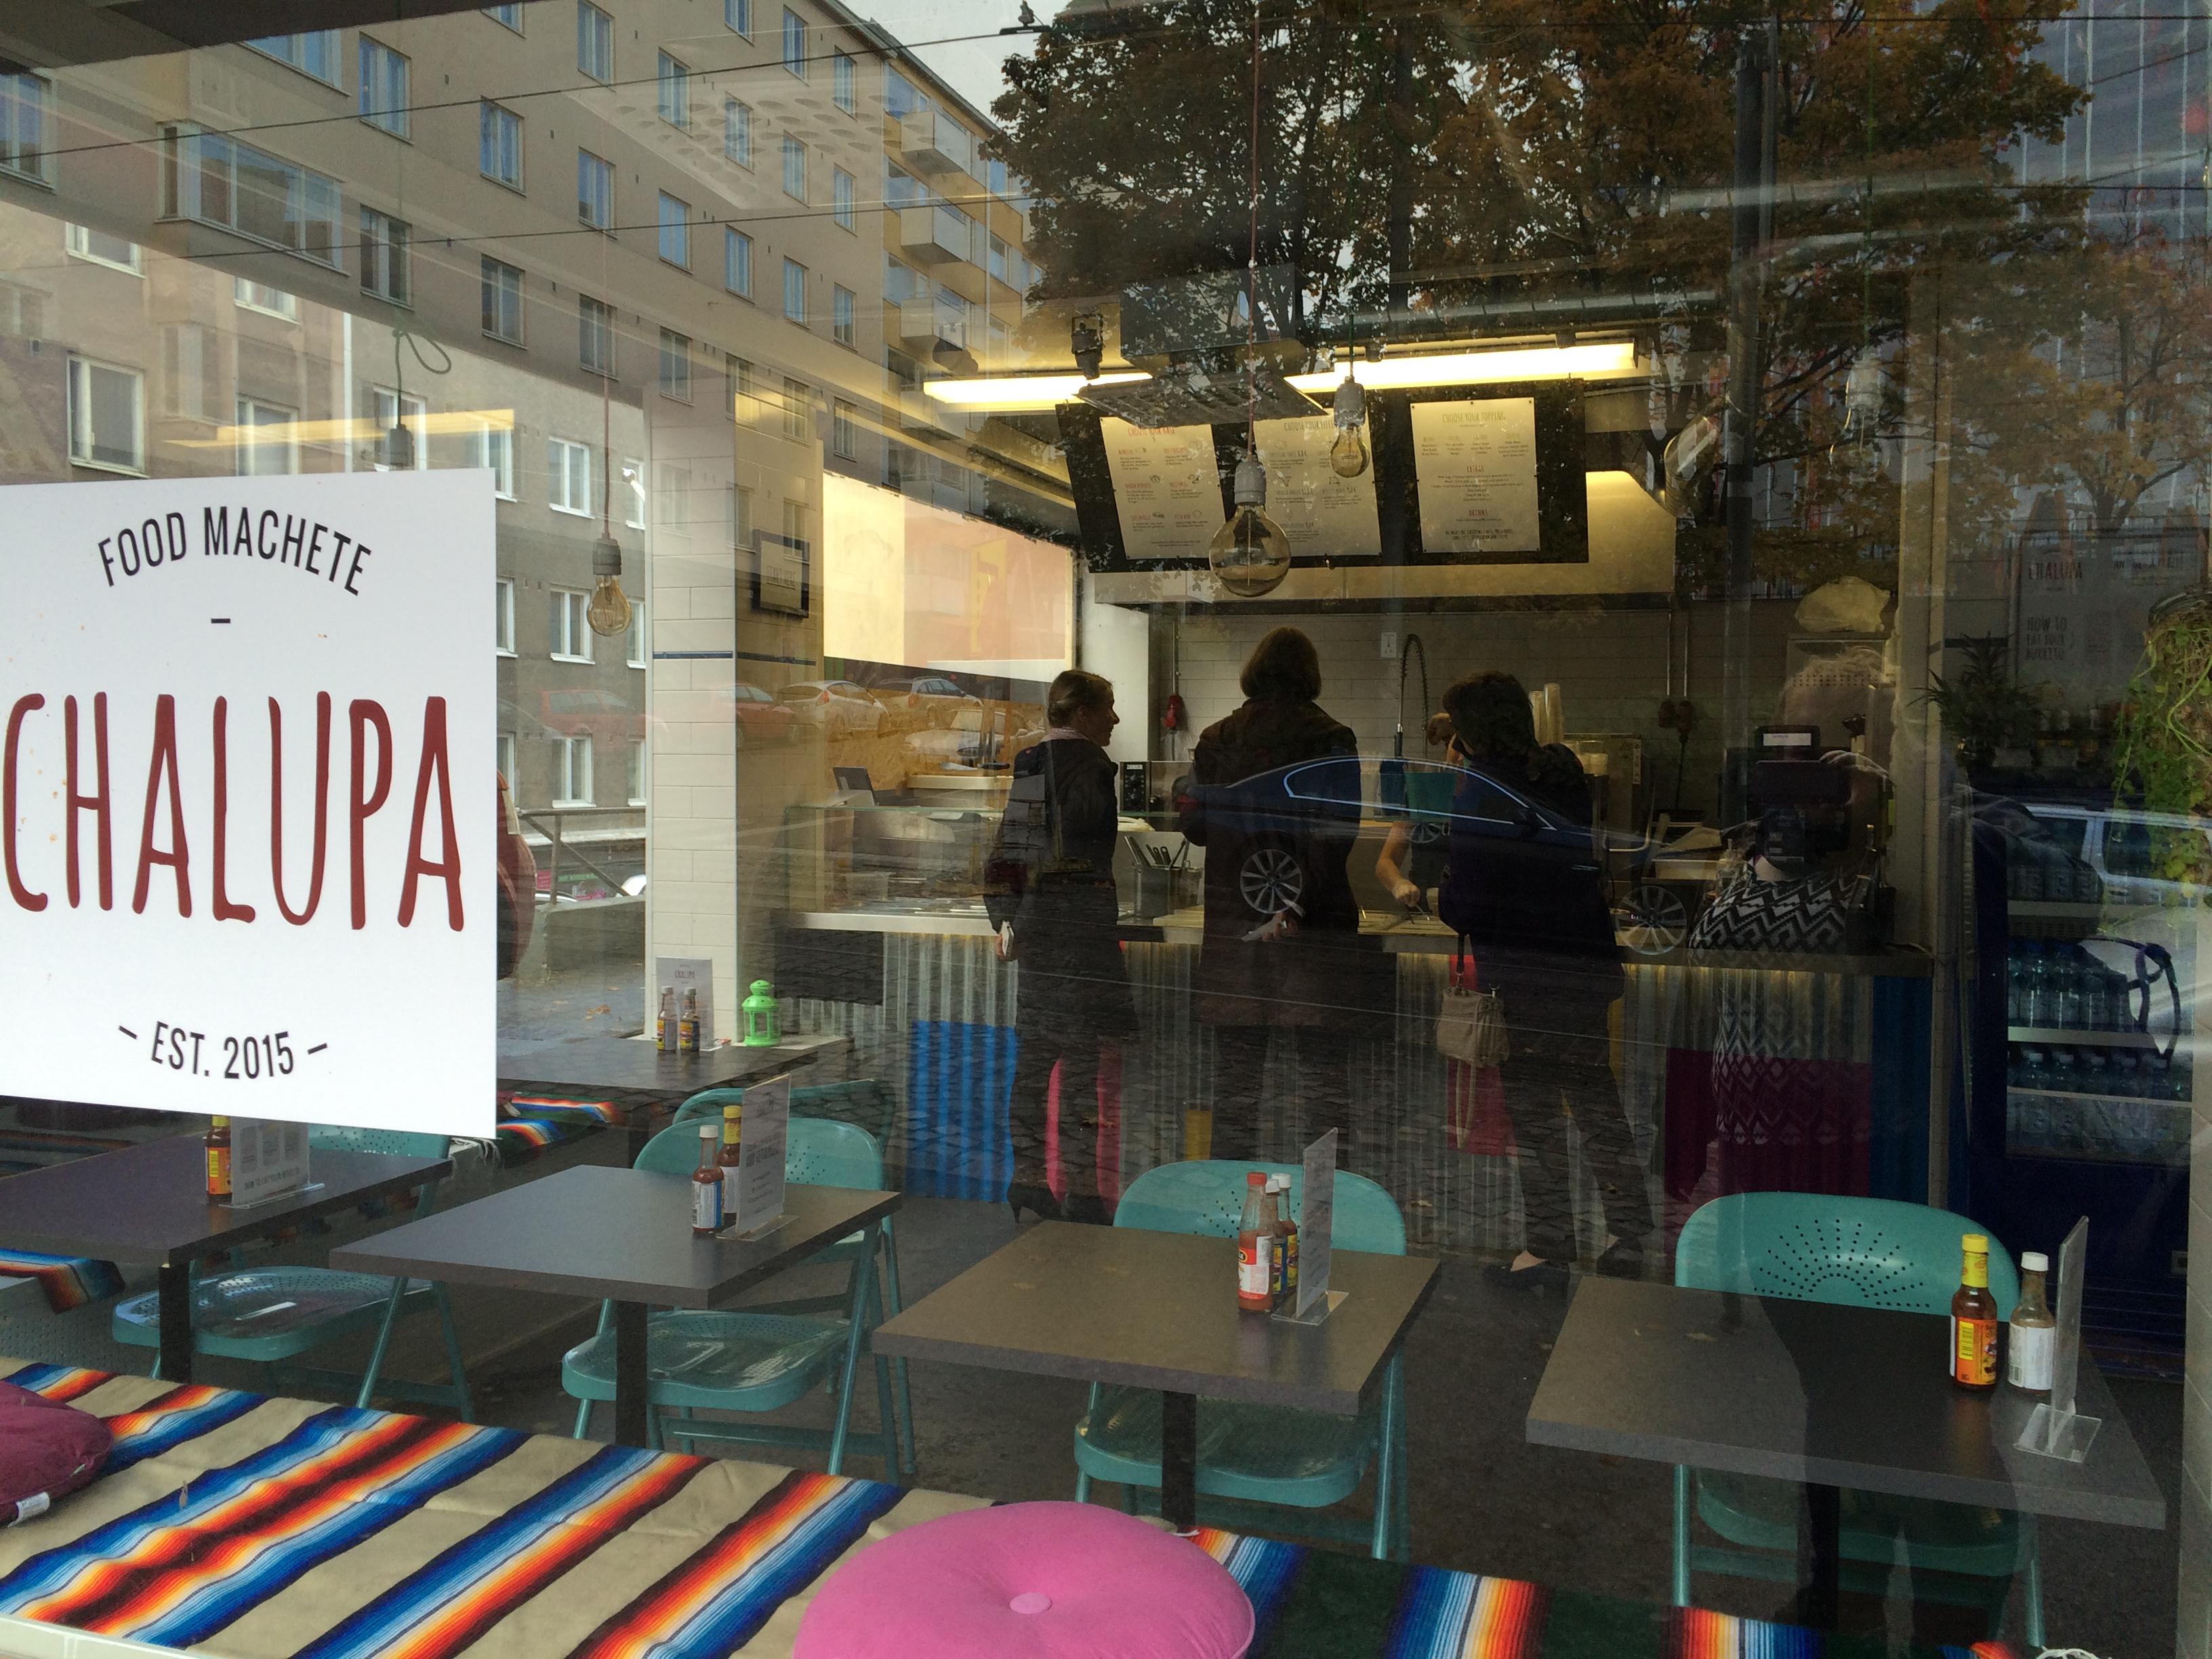 Chalupa Food Machete, Helsinki